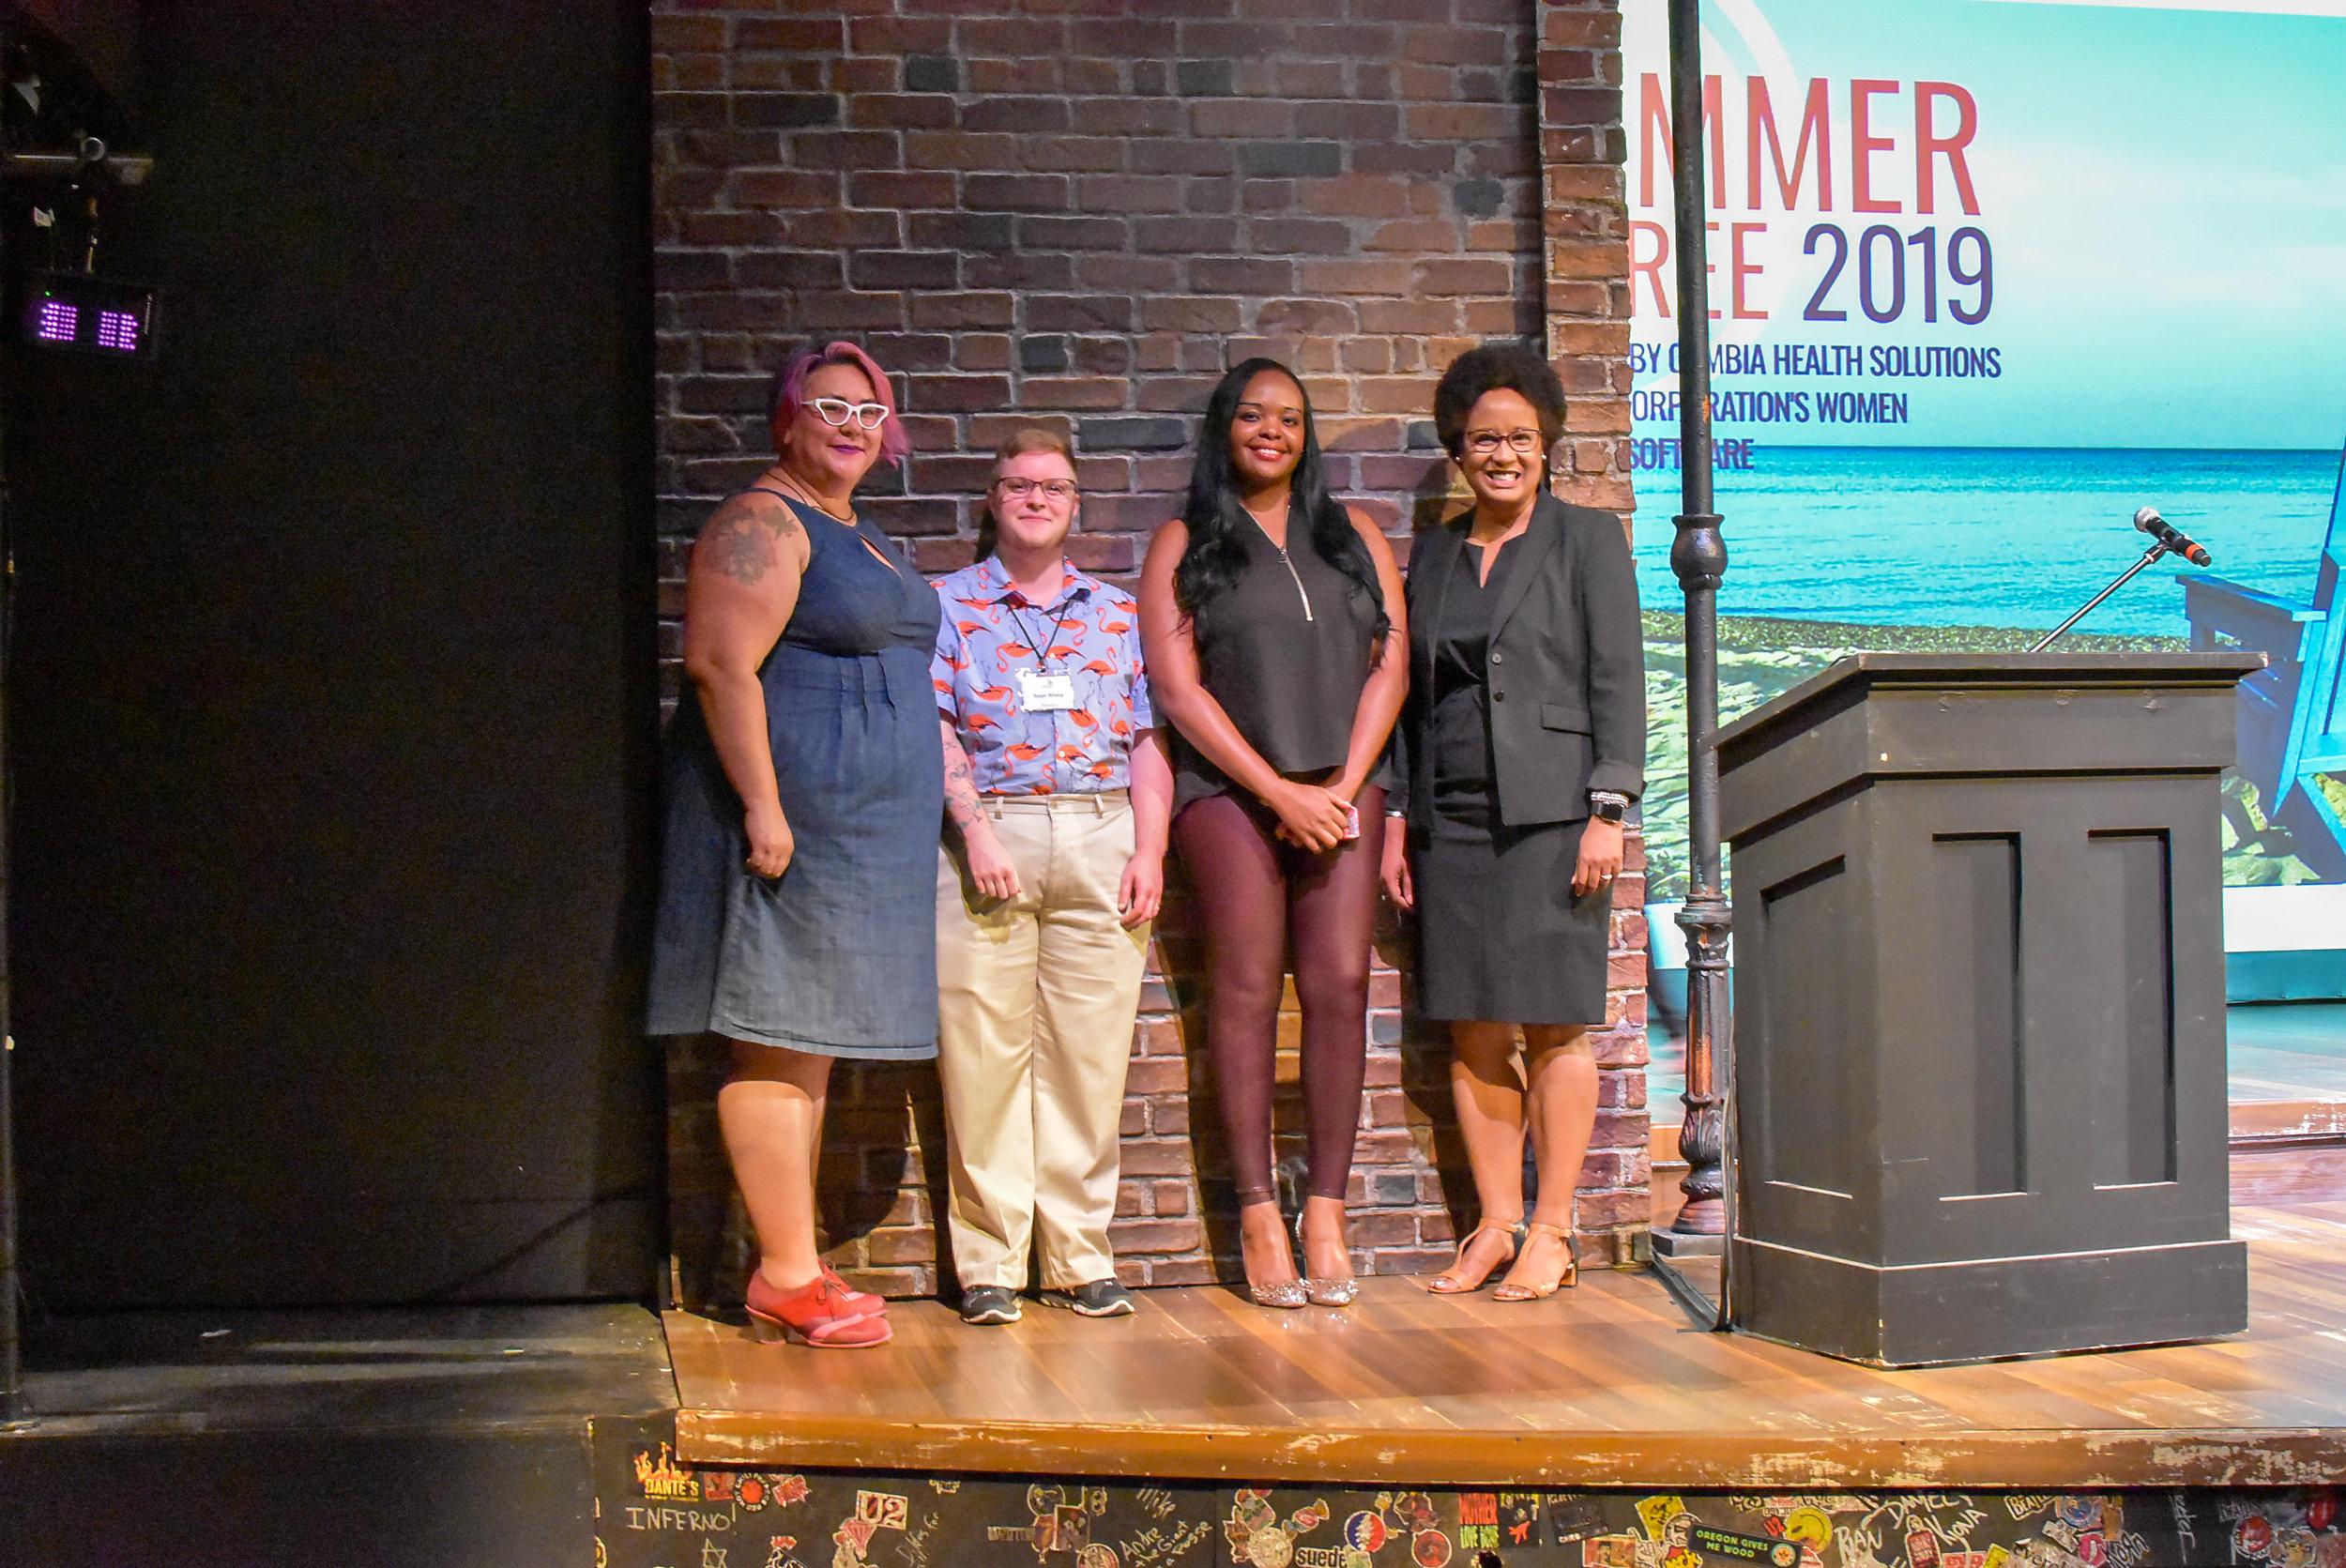 (left to right) Tara Robertson, Sage Sharp, Esther John, Dr. Harriet Nembhard (1).JPG